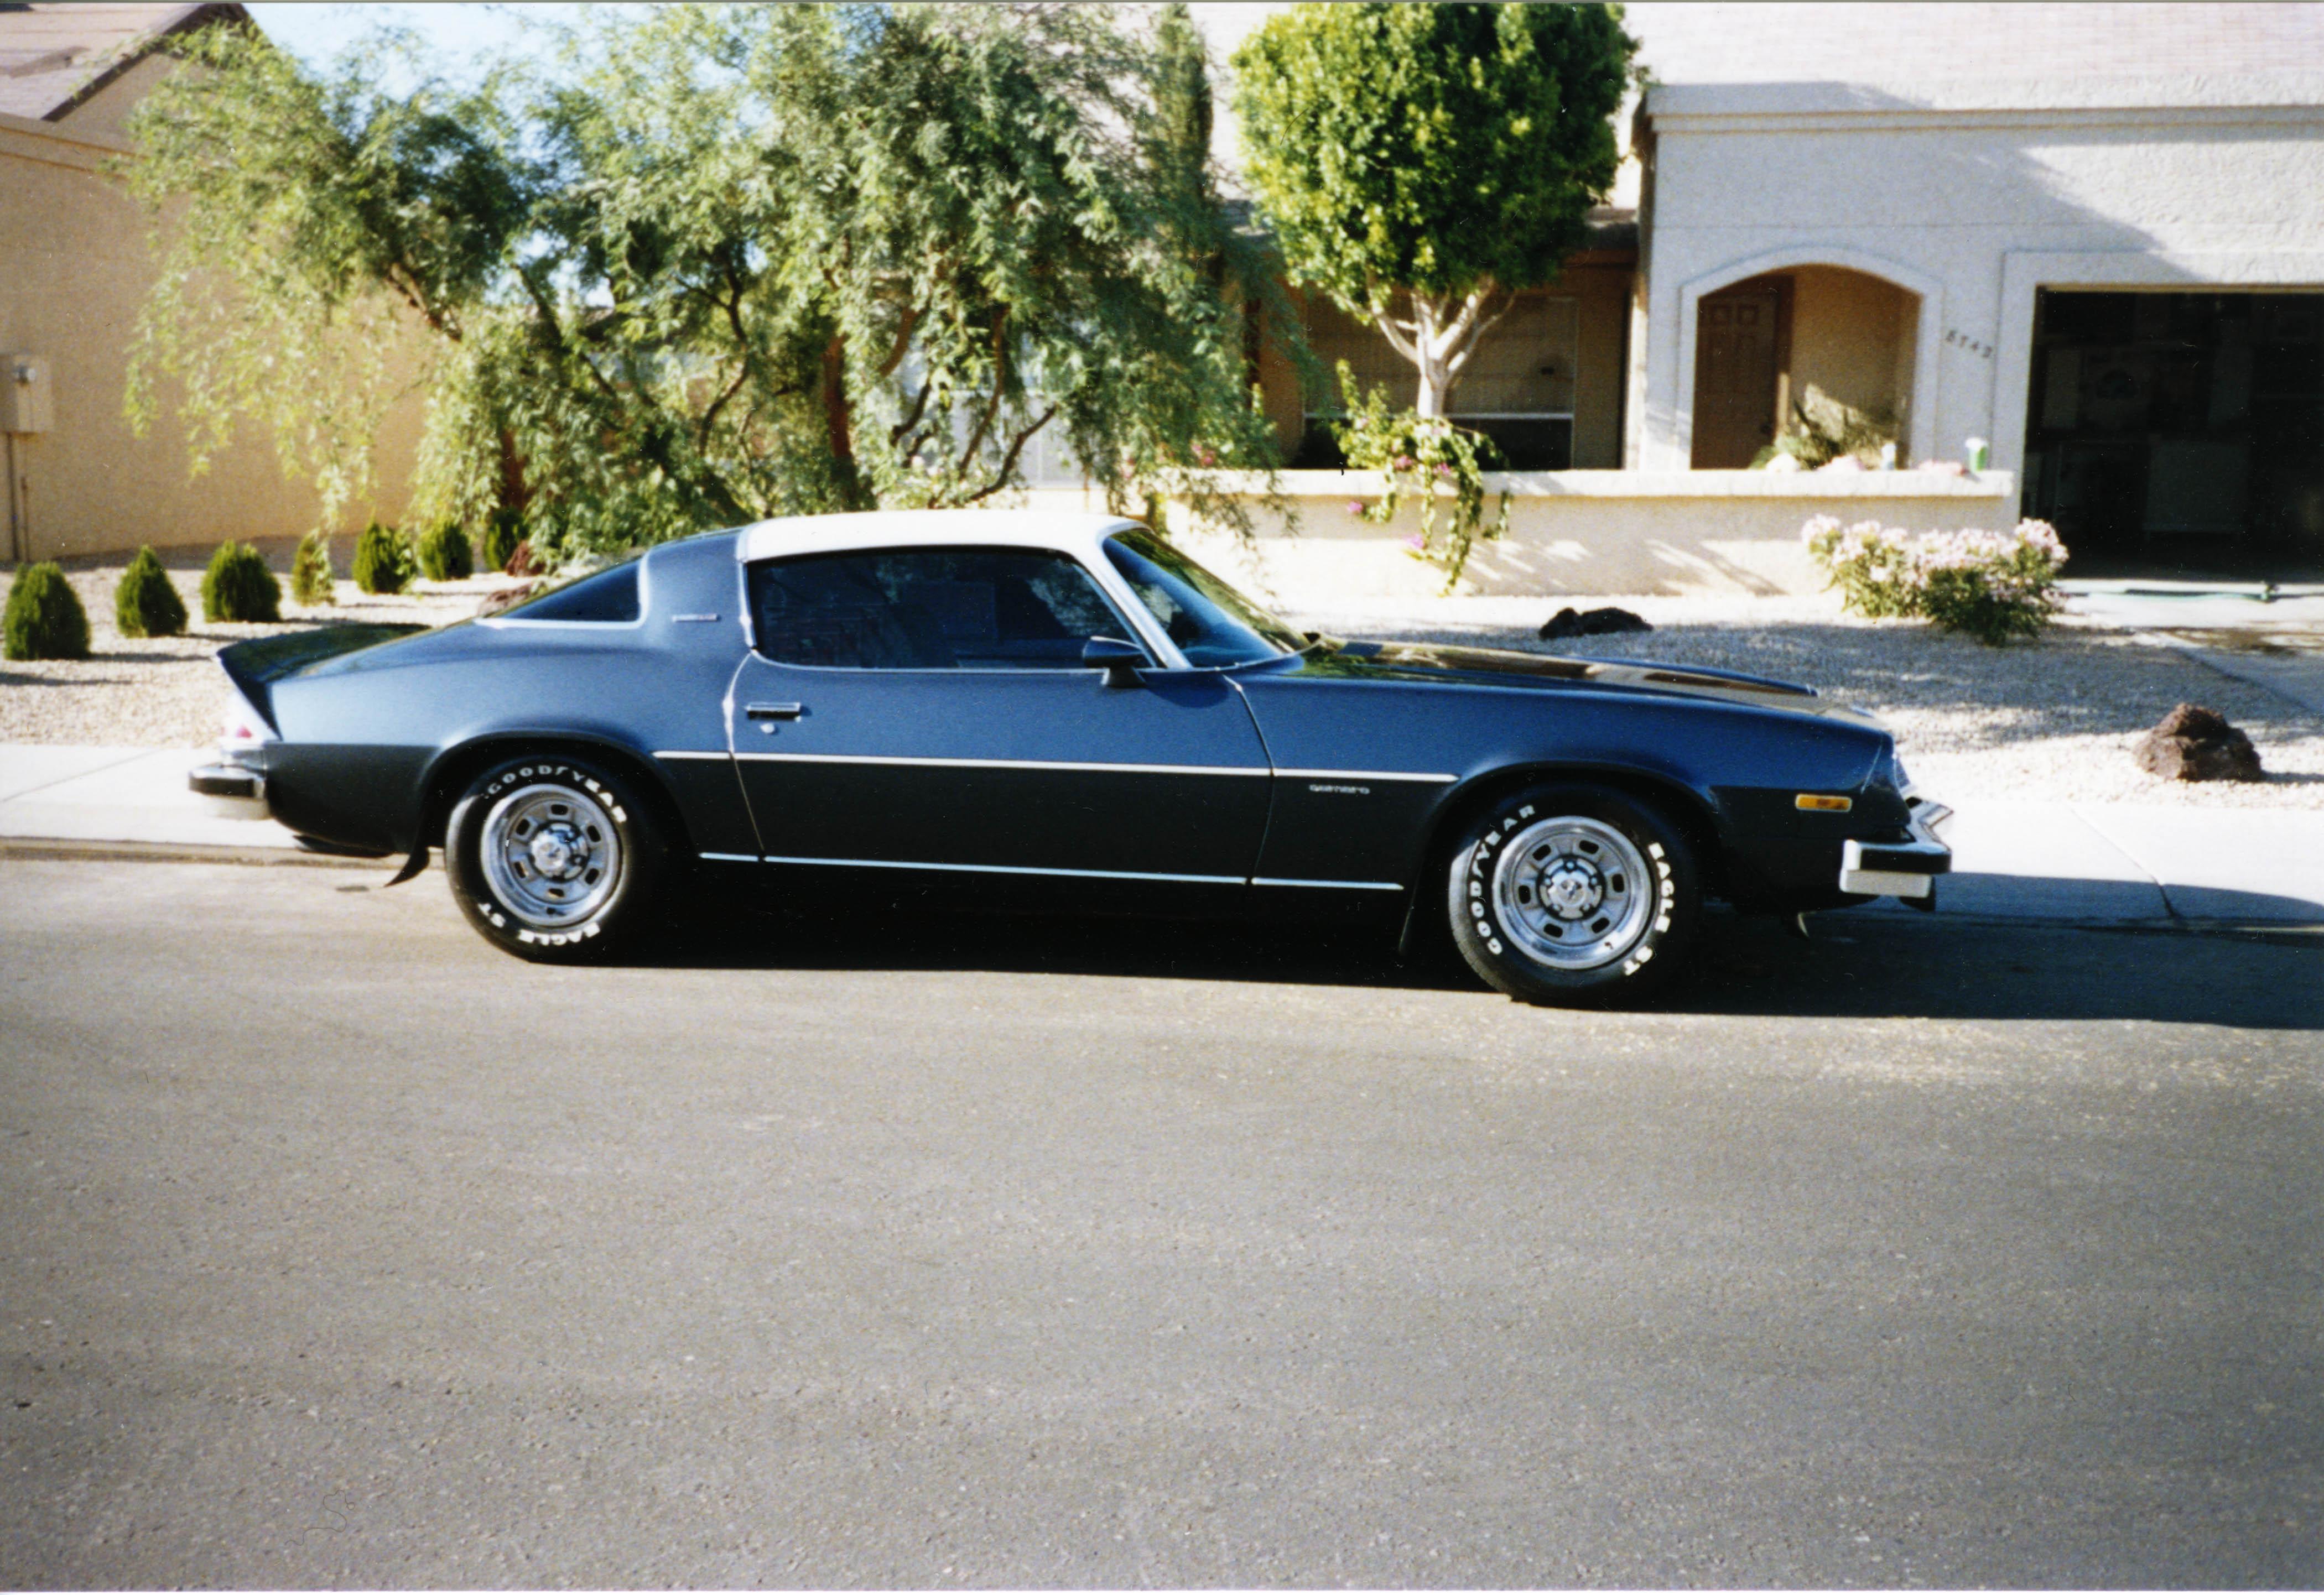 Camaro z28 1977 1977 chevrolet camaro z28